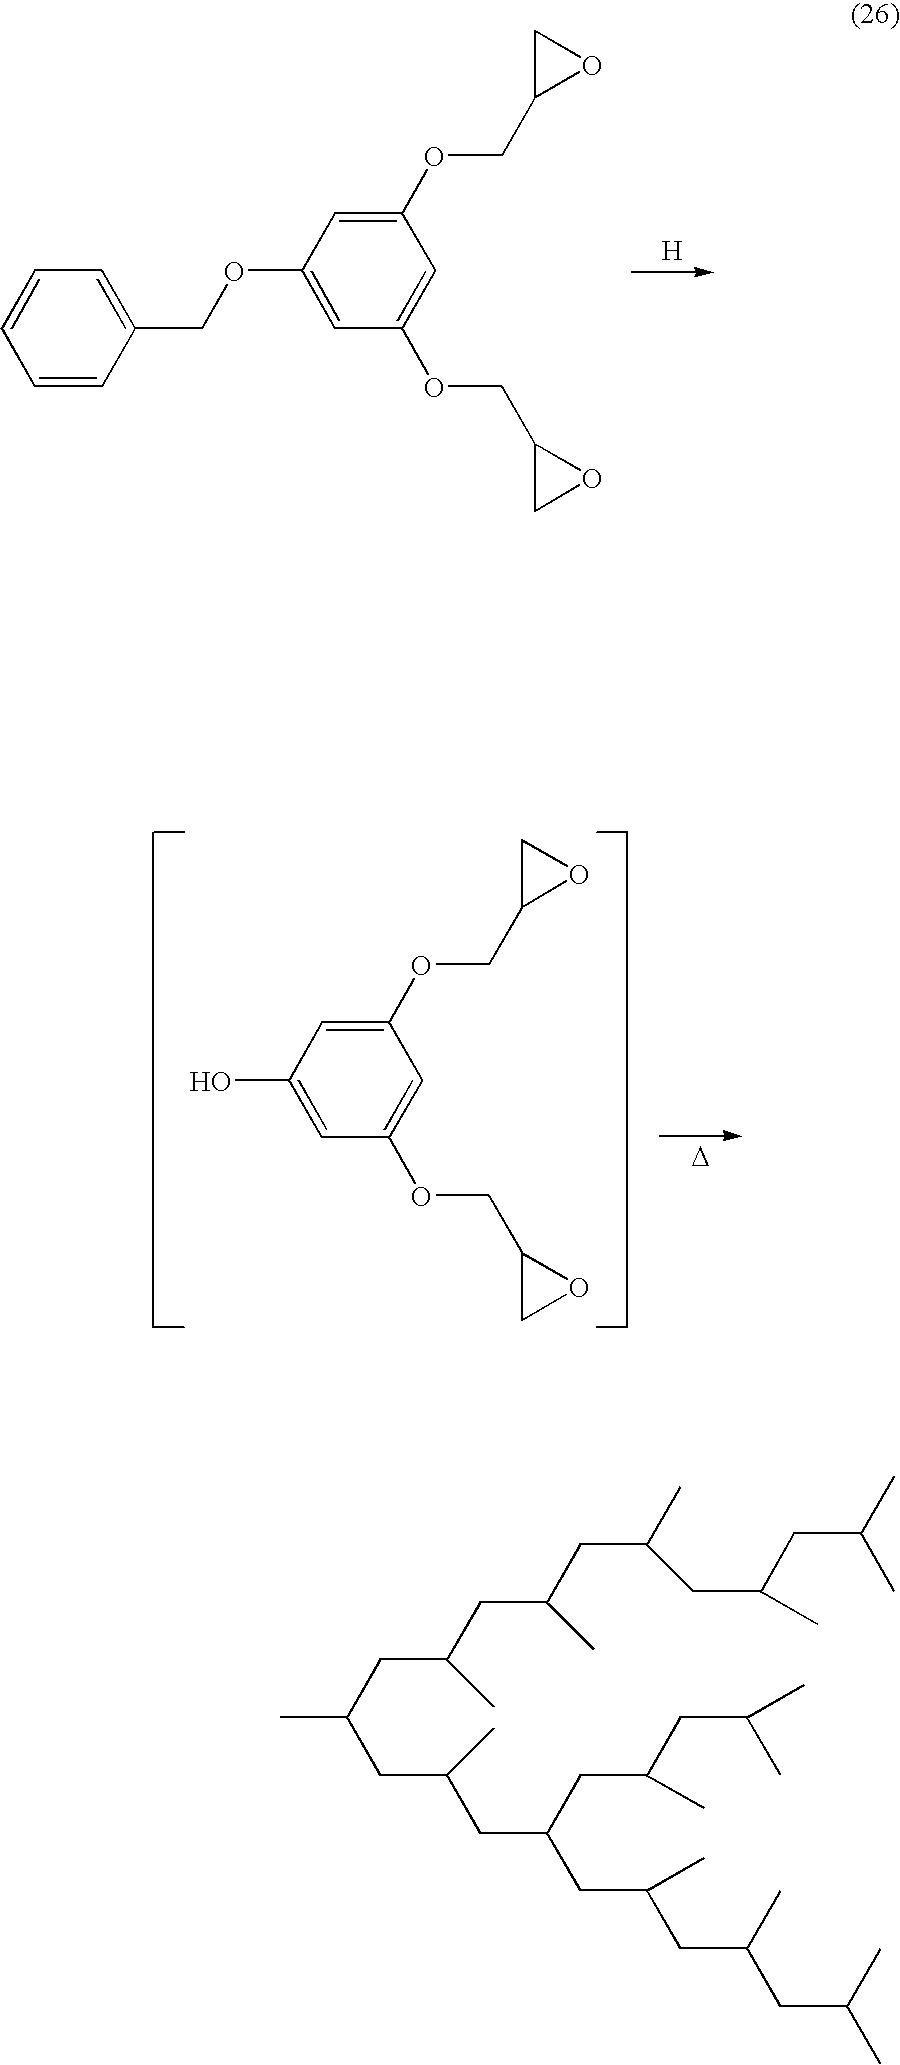 Figure US08147036-20120403-C00025